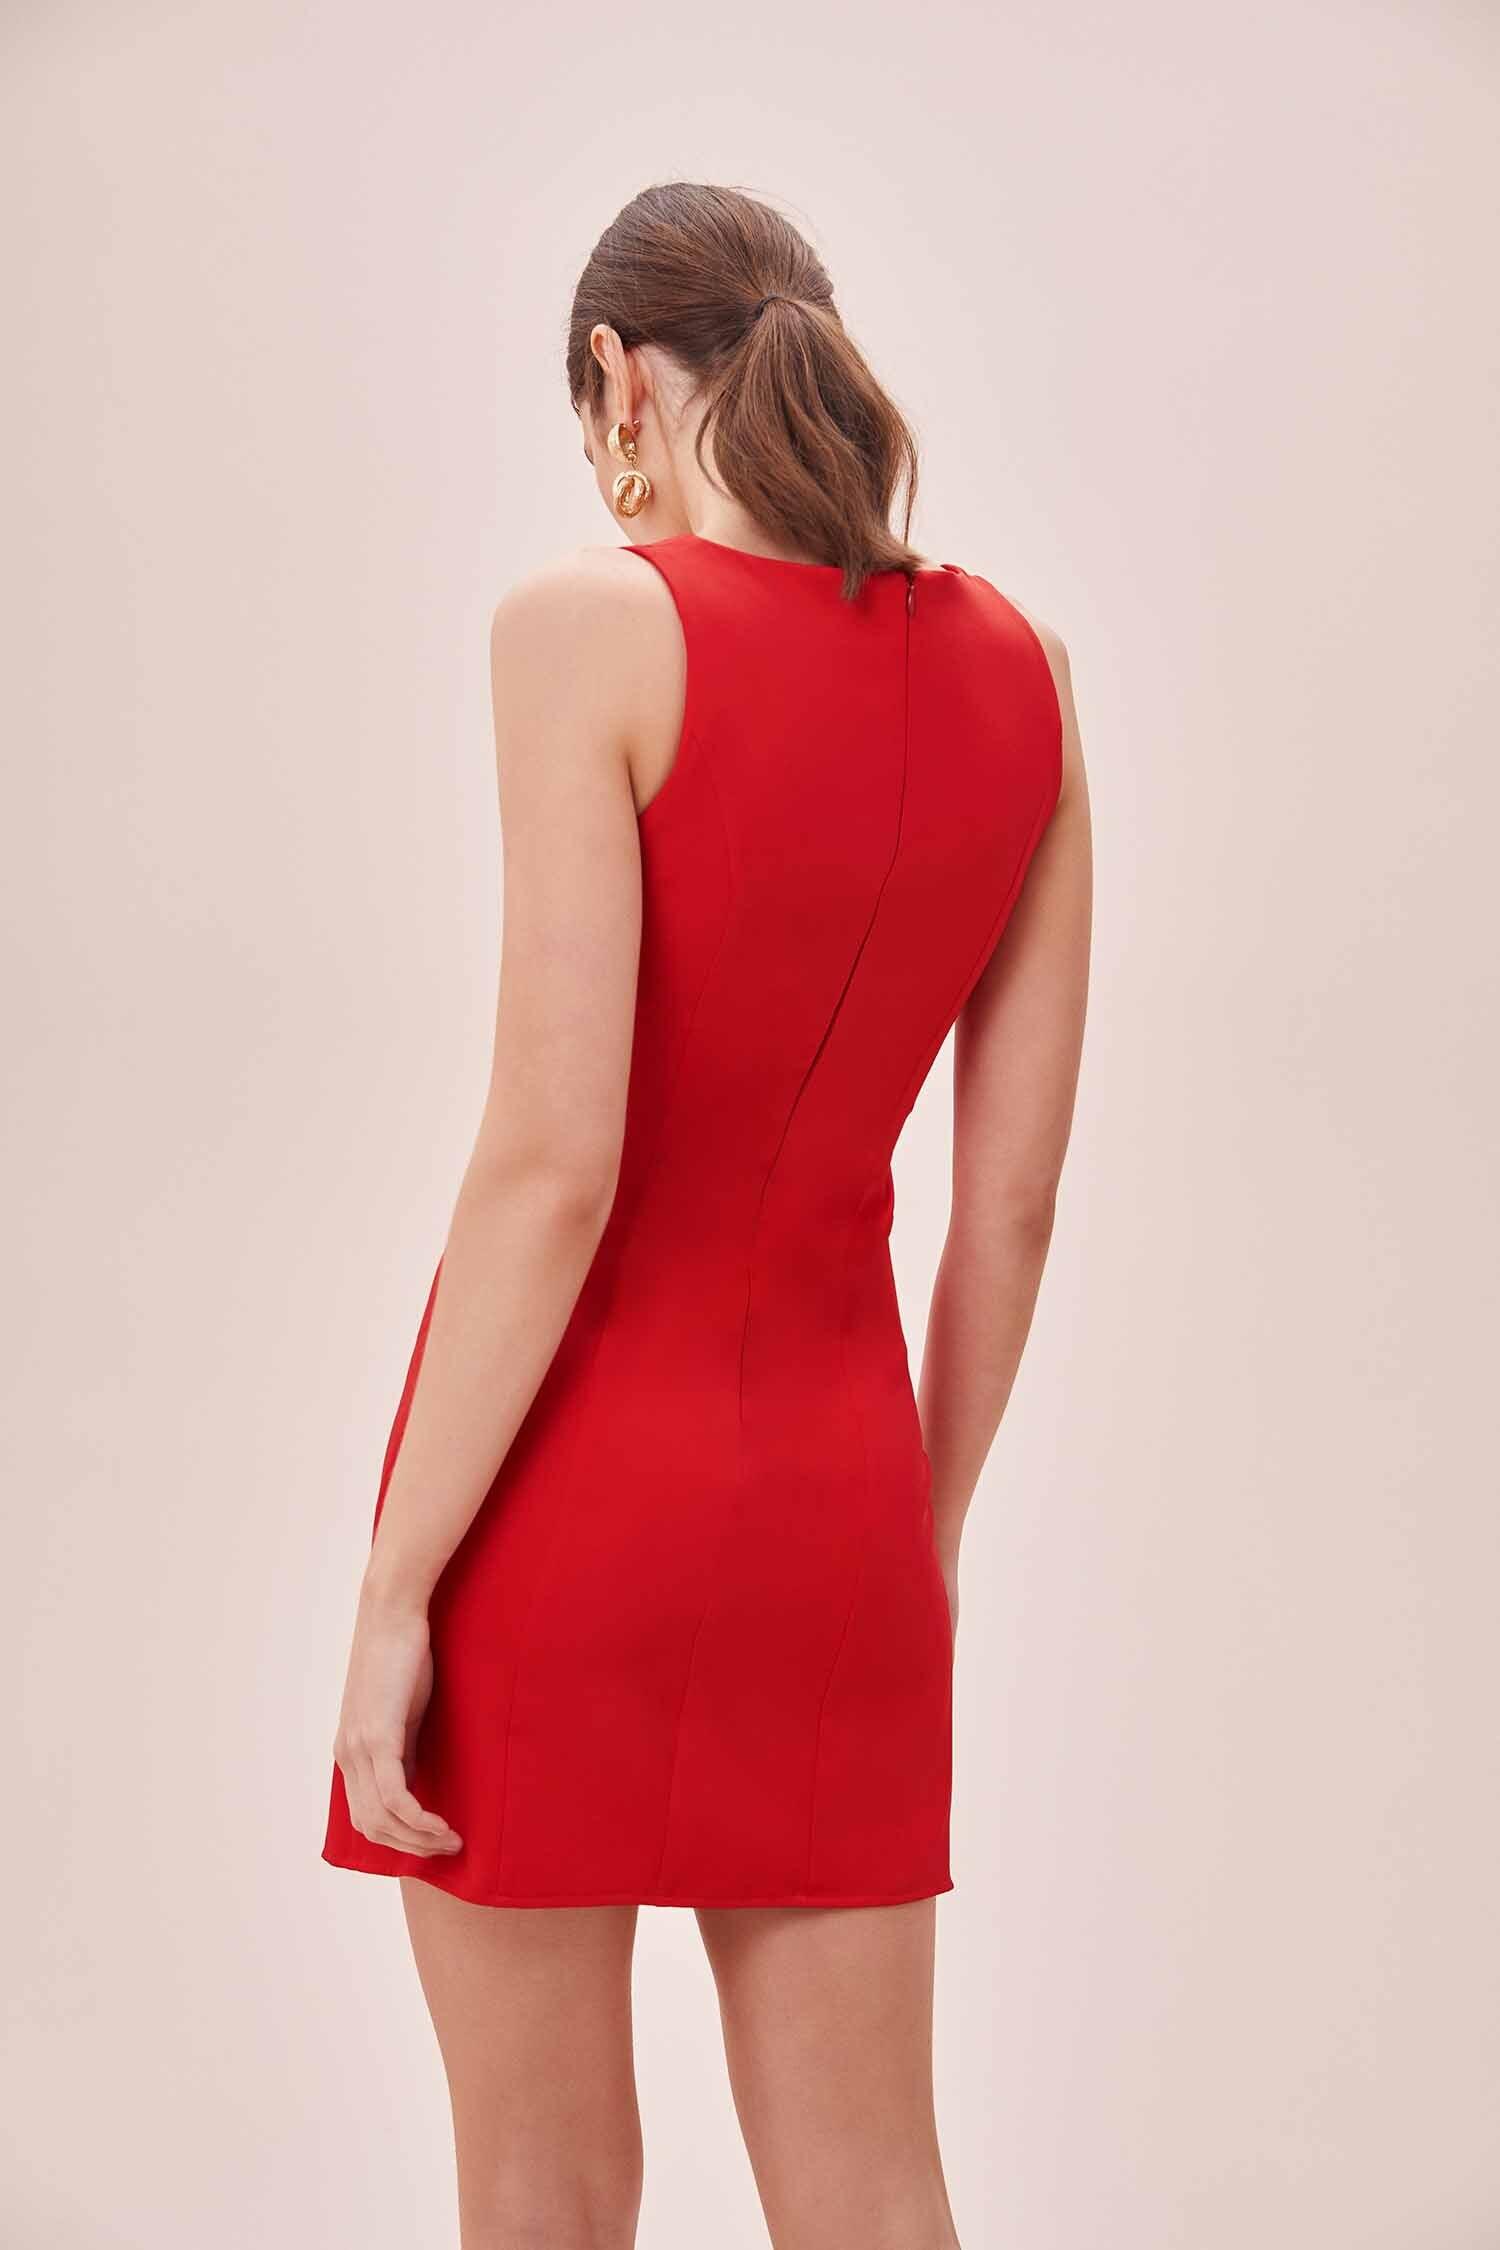 Kırmızı Askılı Kare Yaka Mini Krep Elbise - Thumbnail